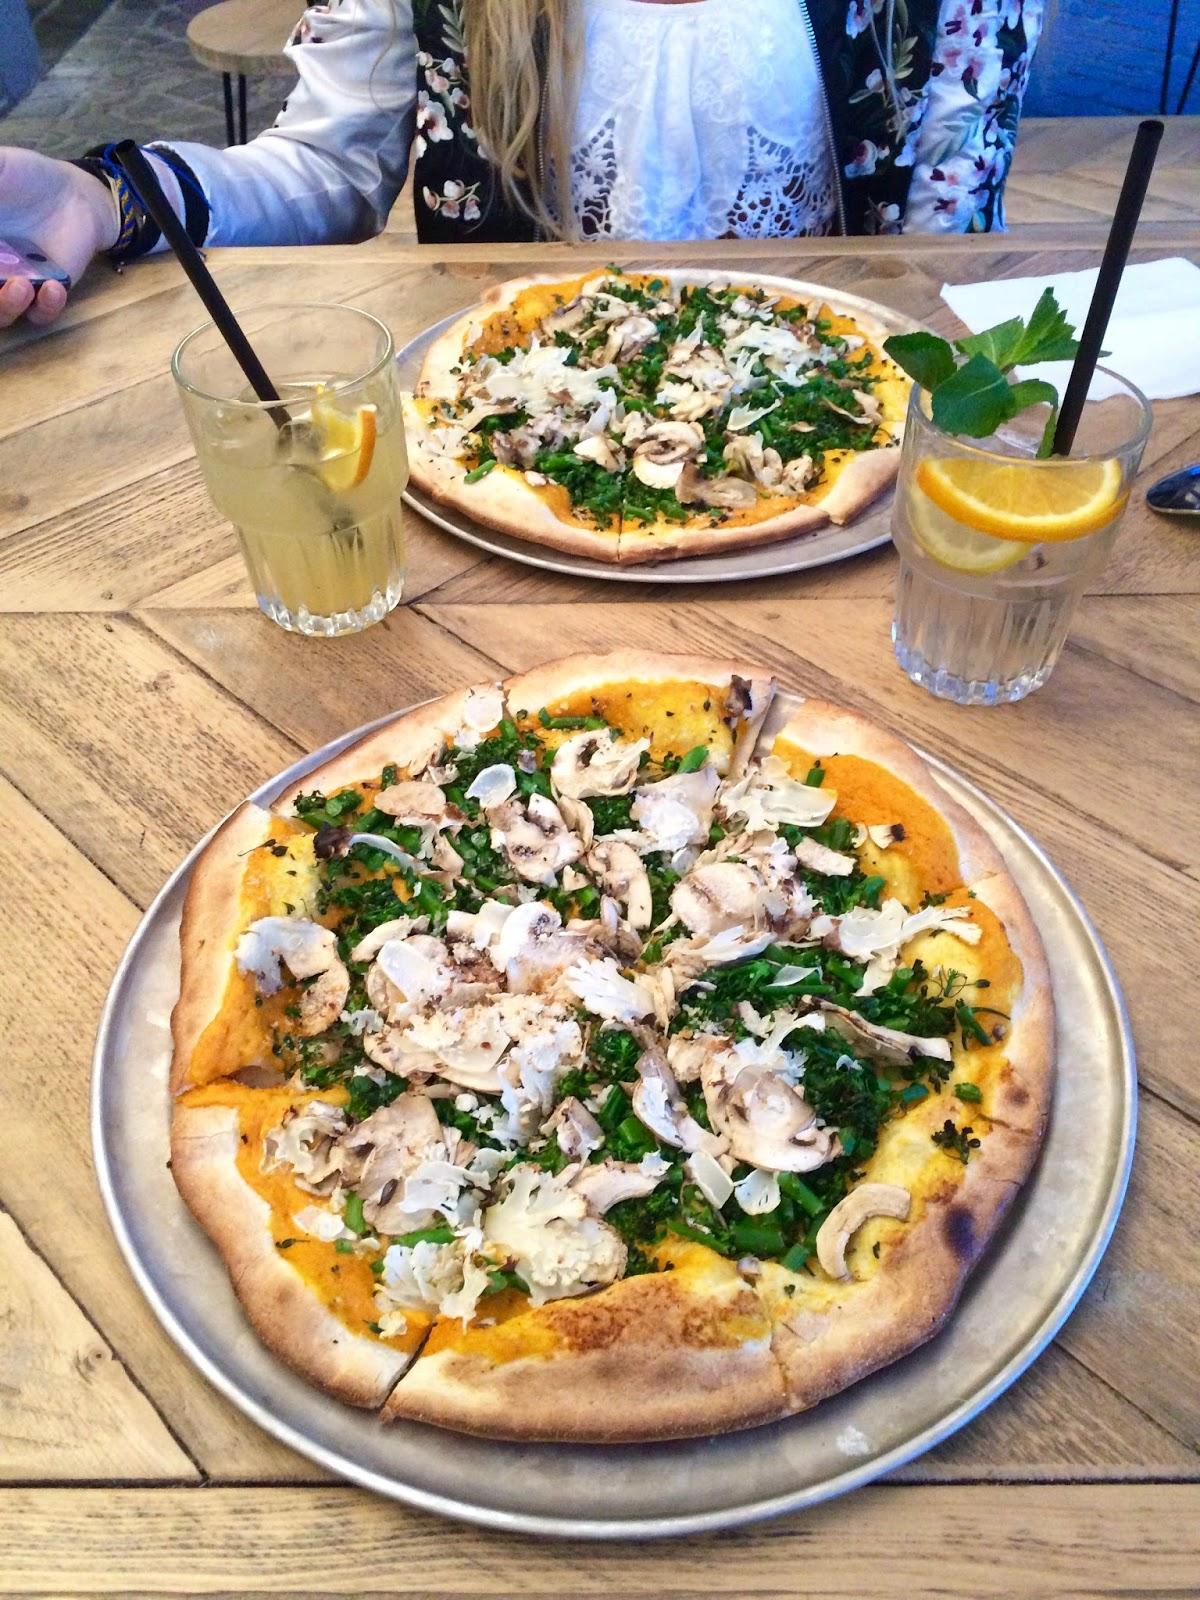 Pizza in Antwerp - Otomat